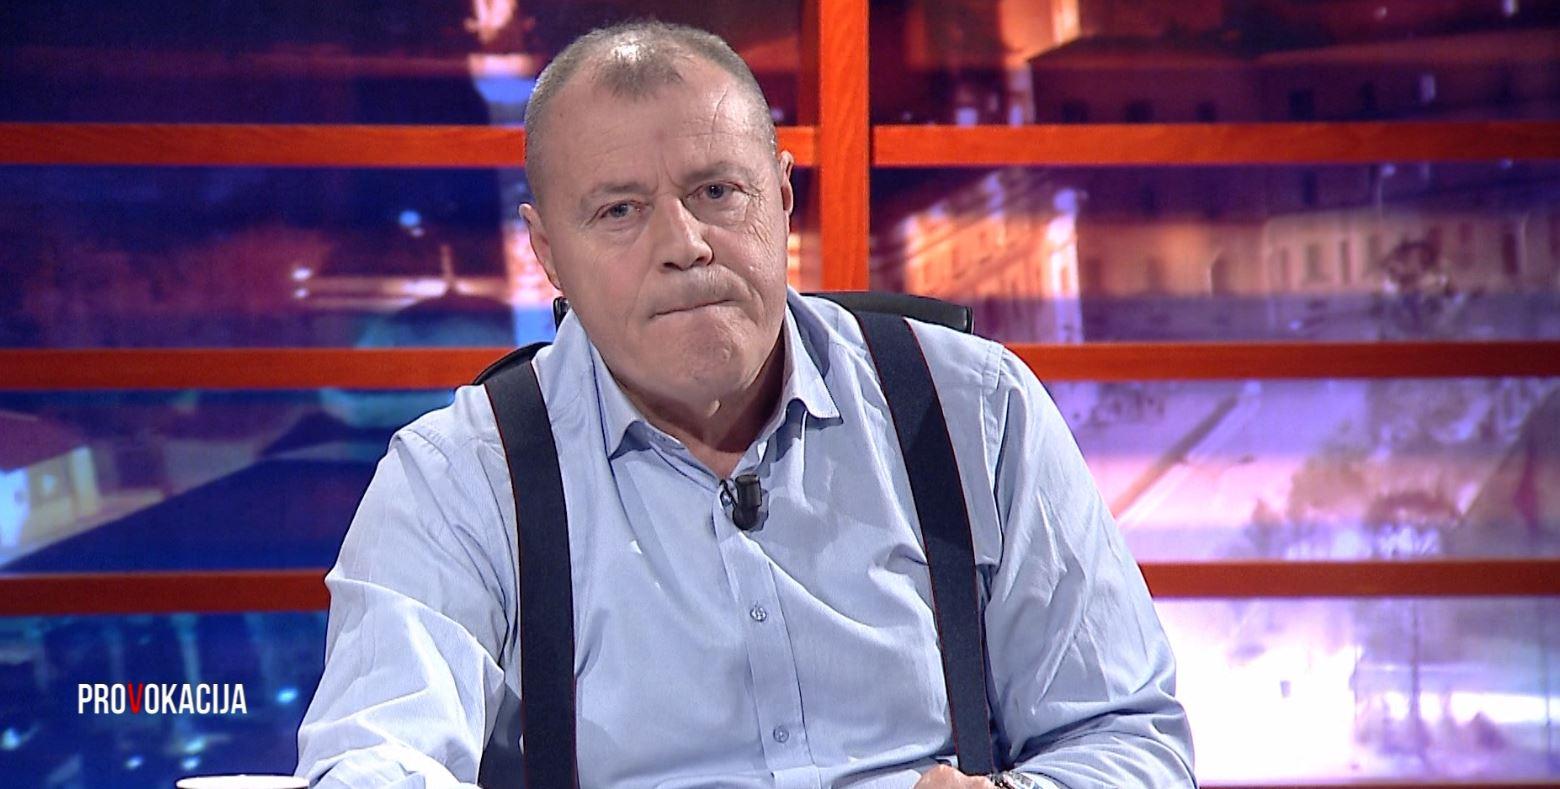 Mustafa Nano: Mesazhi i kobshëm që i dha Berisha vizitorit në zyrën e tij para 21 janarit